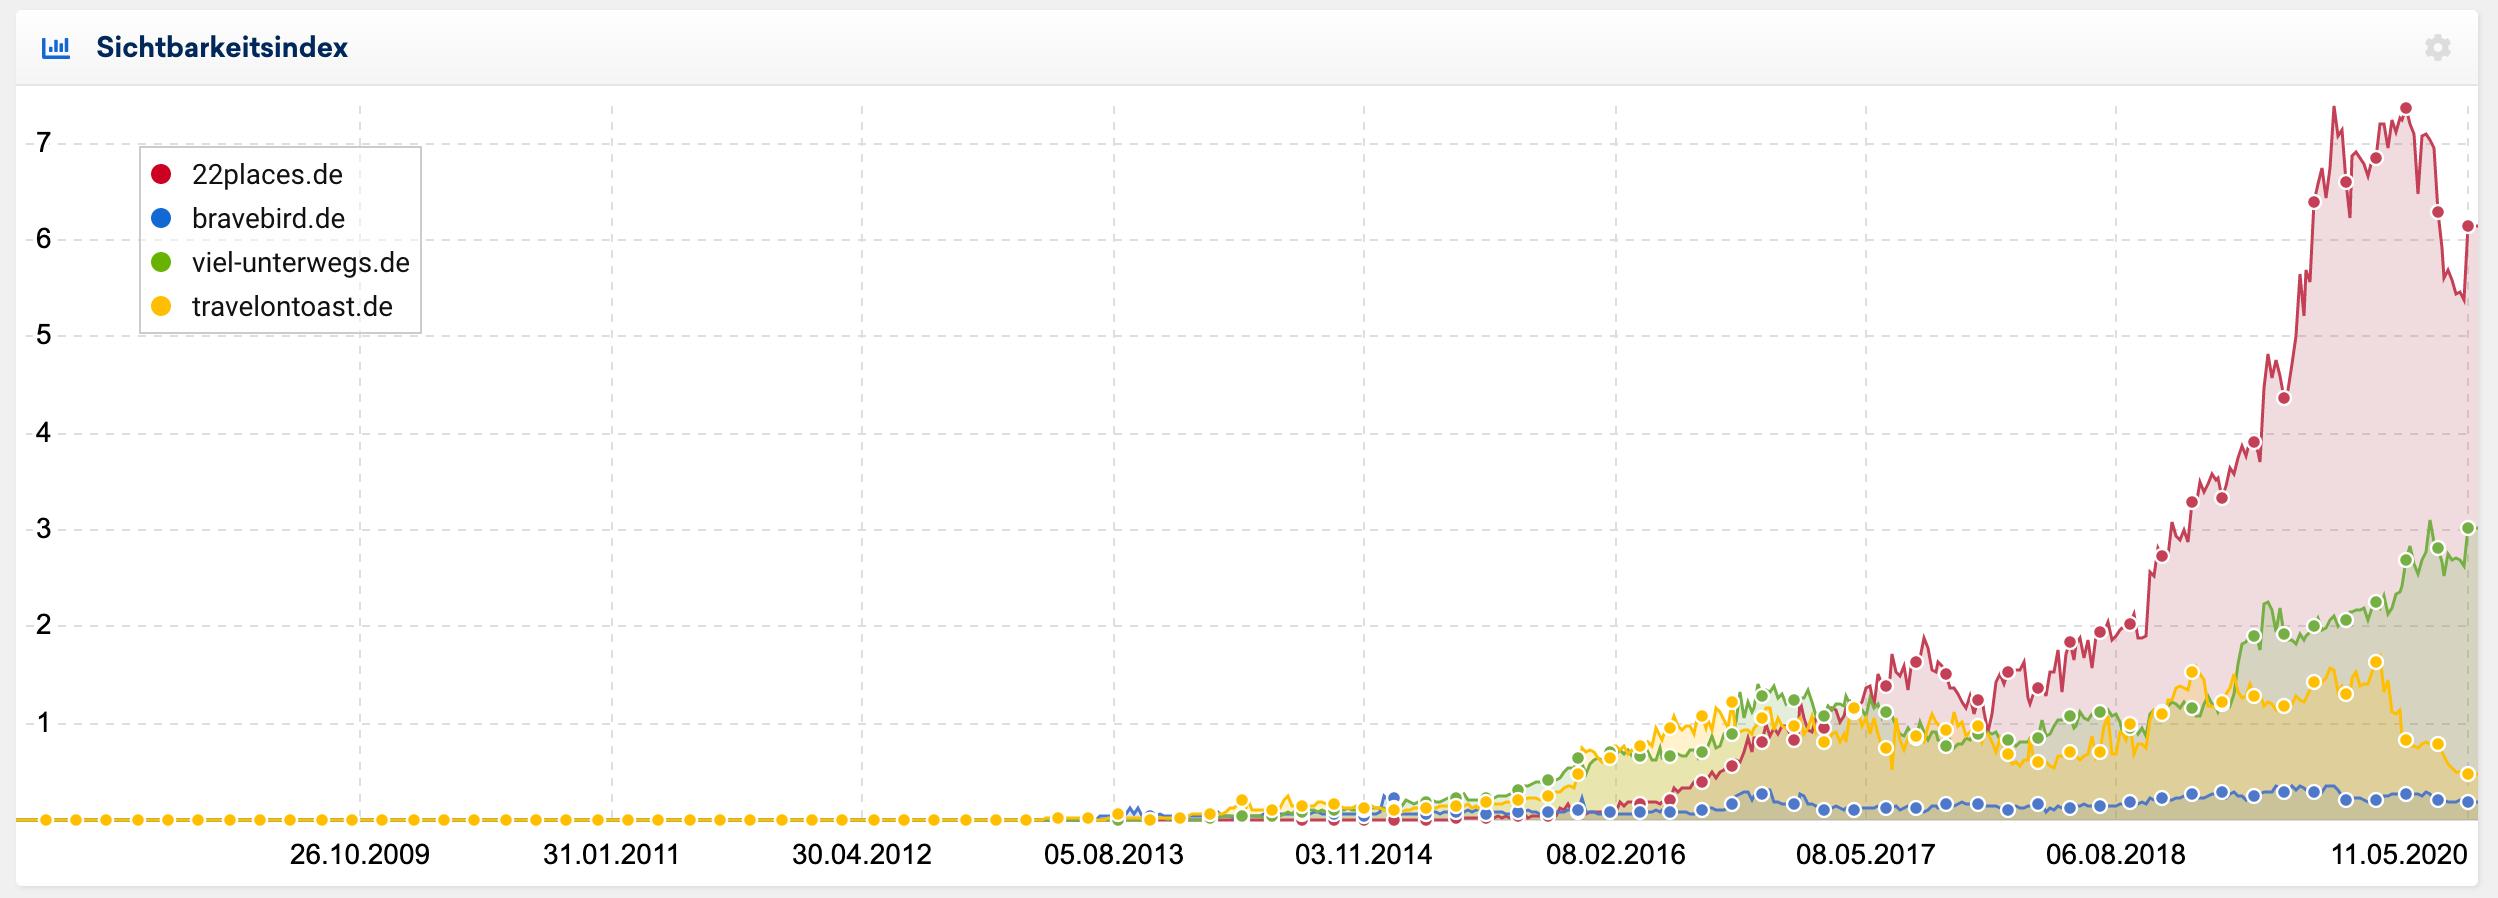 Sichtbarkeitsindex der Top-4-Reiseblogs im zeitlichen Verlauf